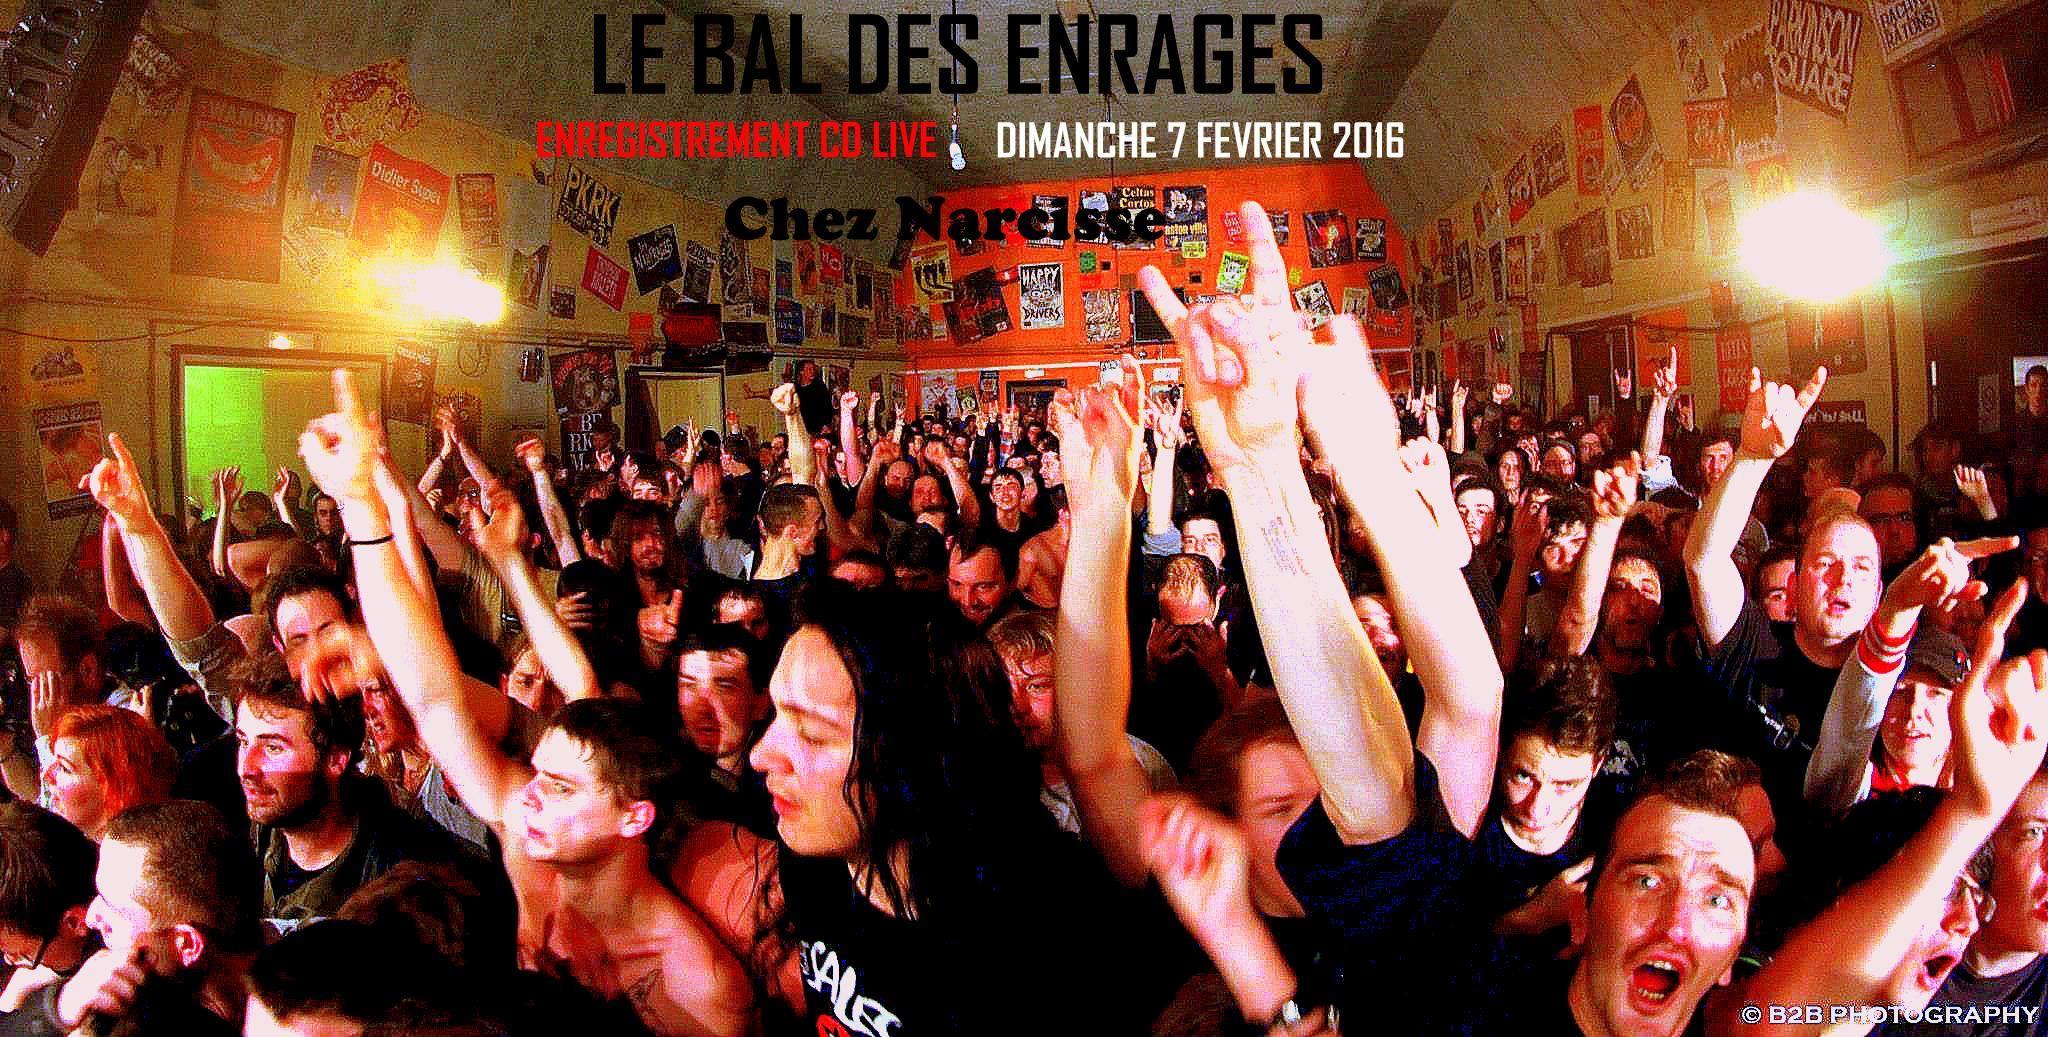 """7 février 2016 le Bal des Enragés au Val d'Ajol """"Chez Narcisse"""""""